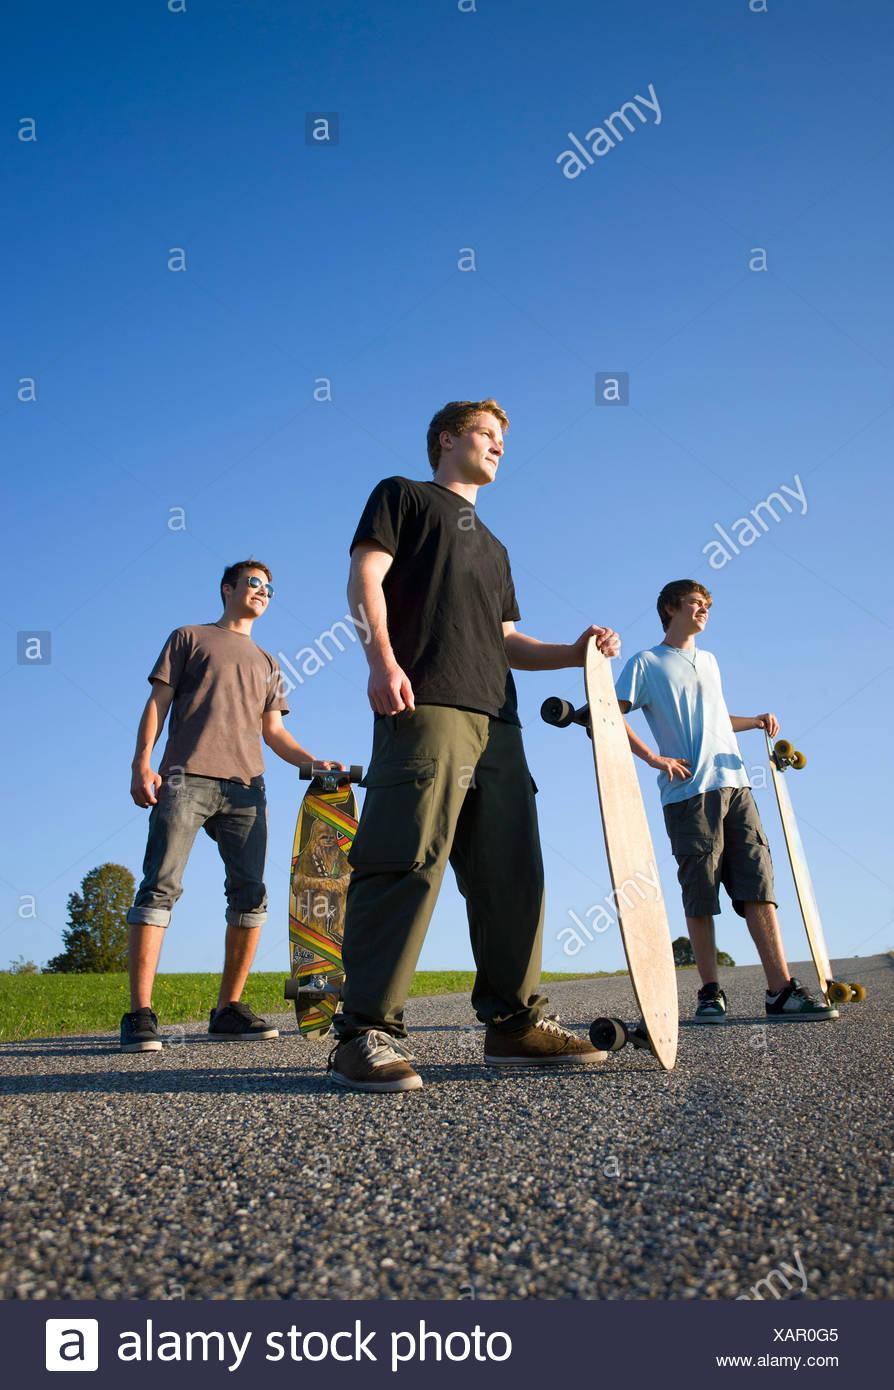 Austria, giovani uomini con lo skateboard su strada Immagini Stock